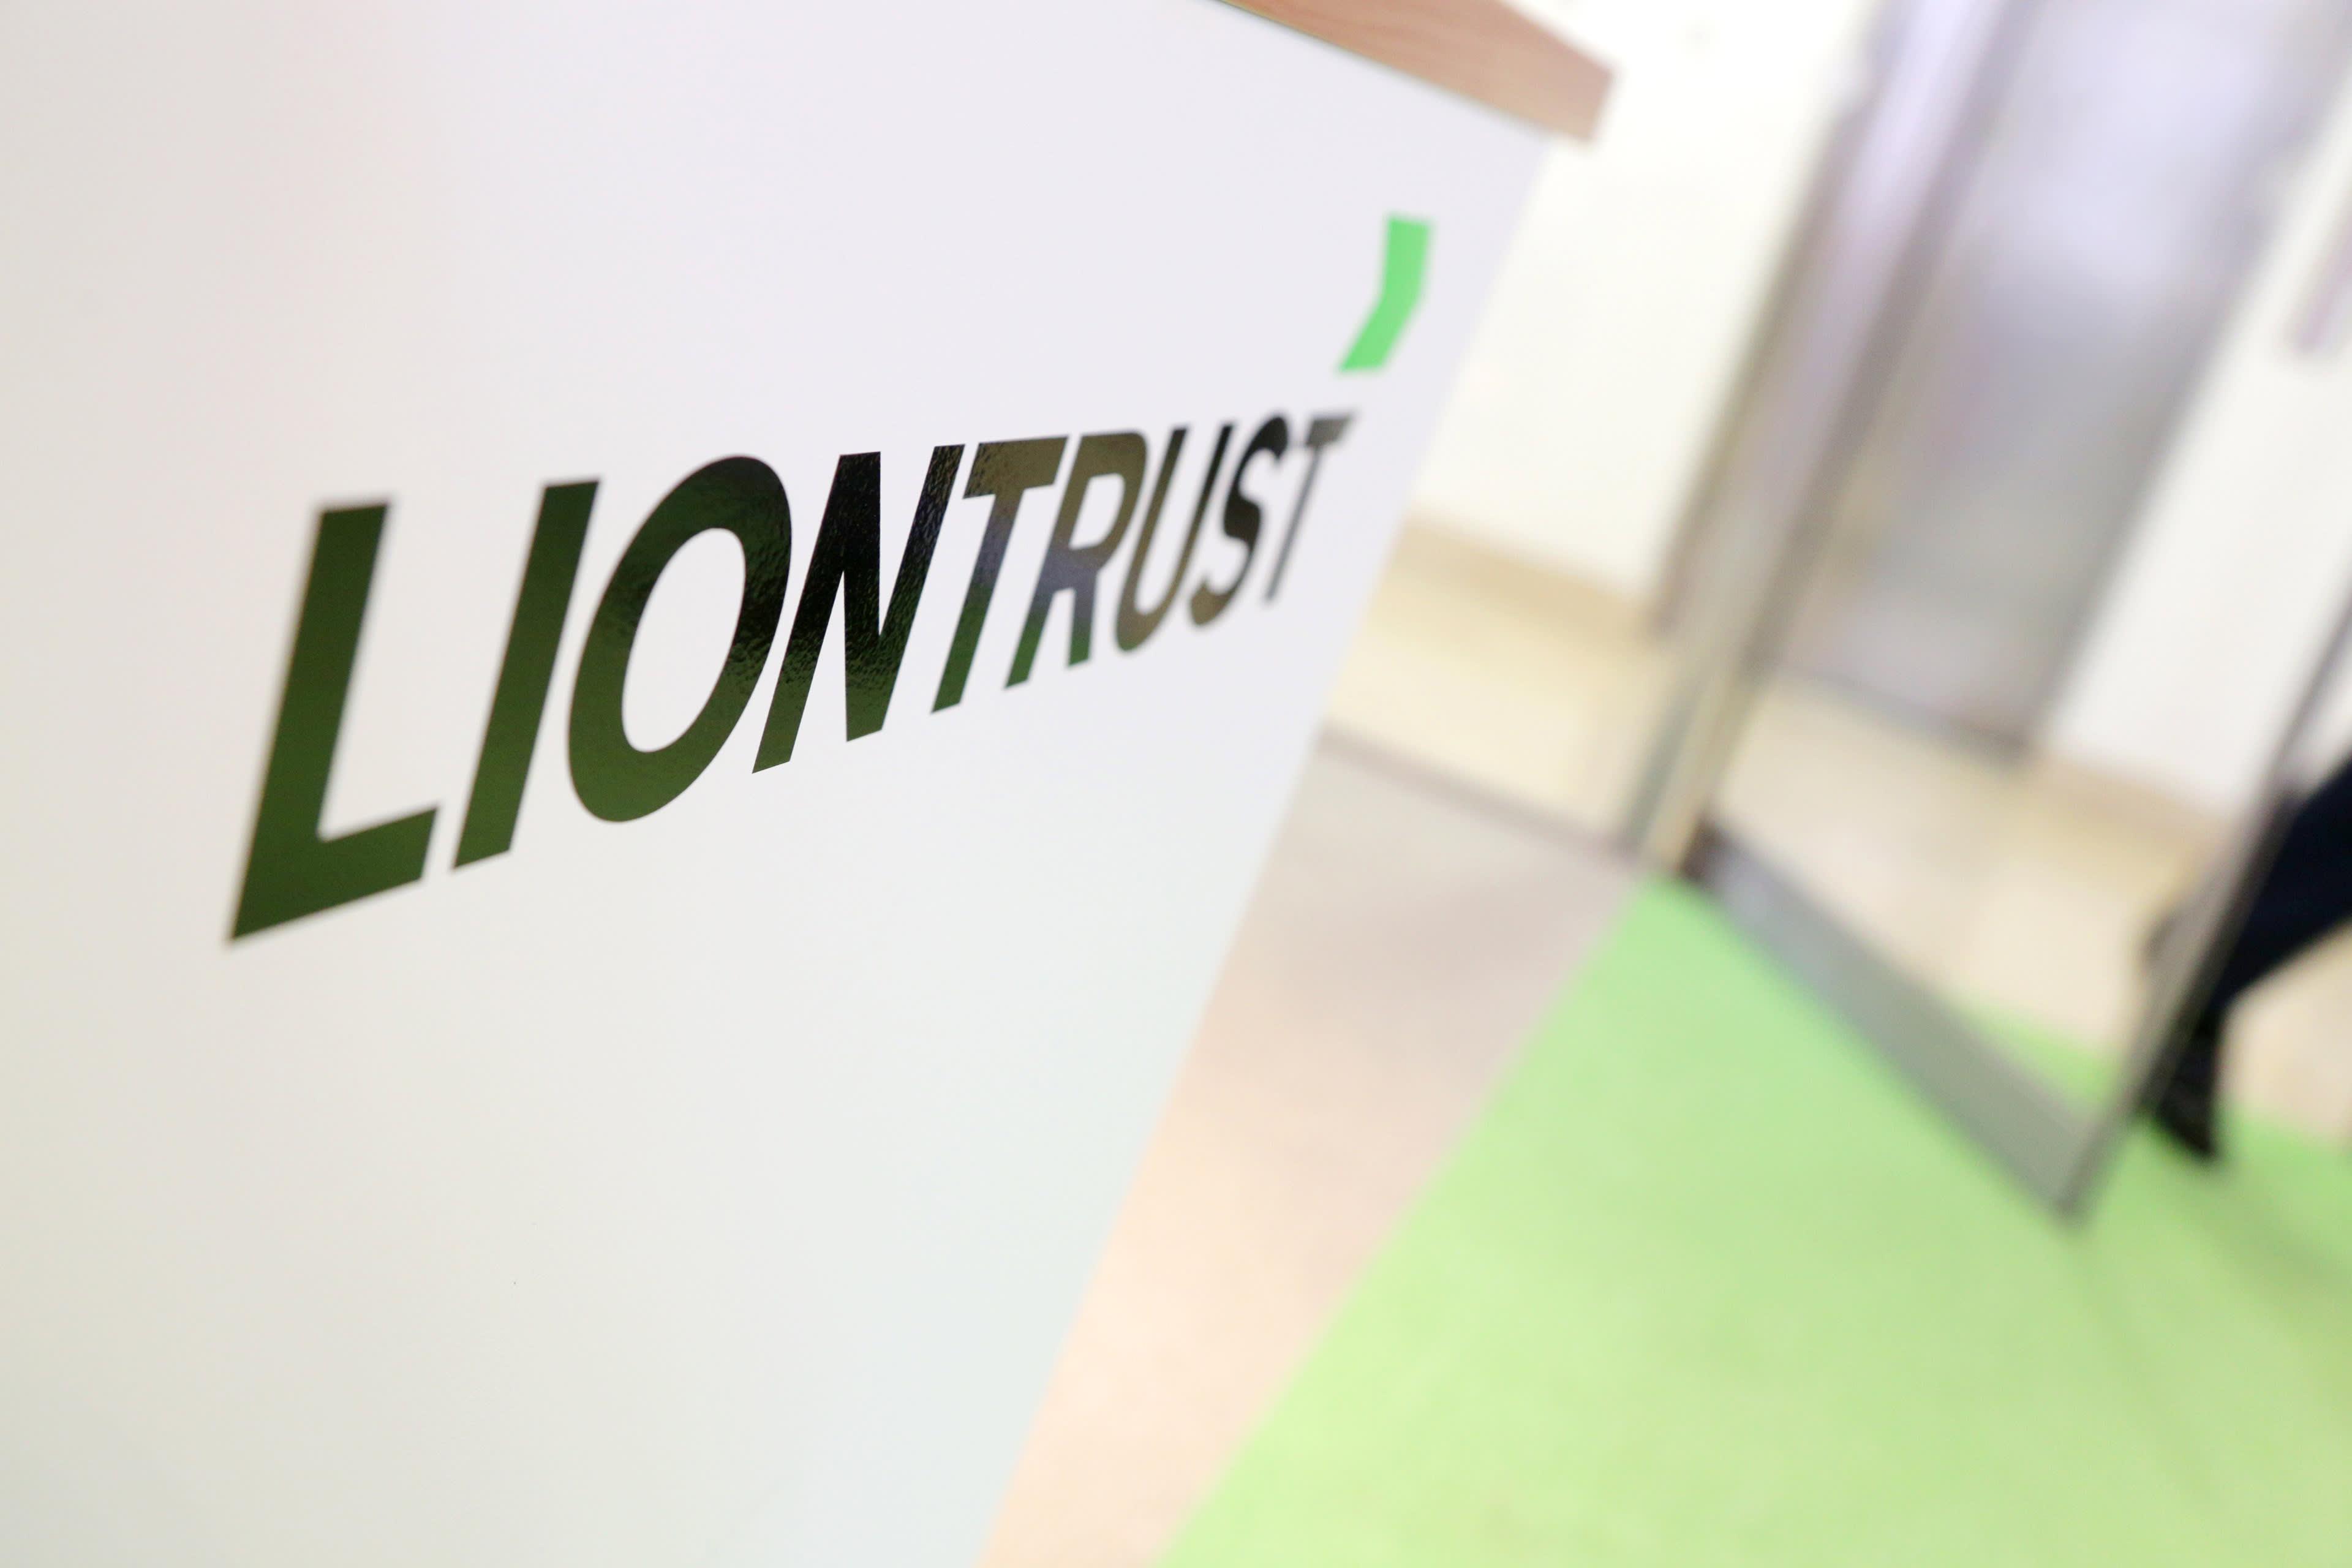 Liontrust AUM up 8.5% as net flows reach £1bn